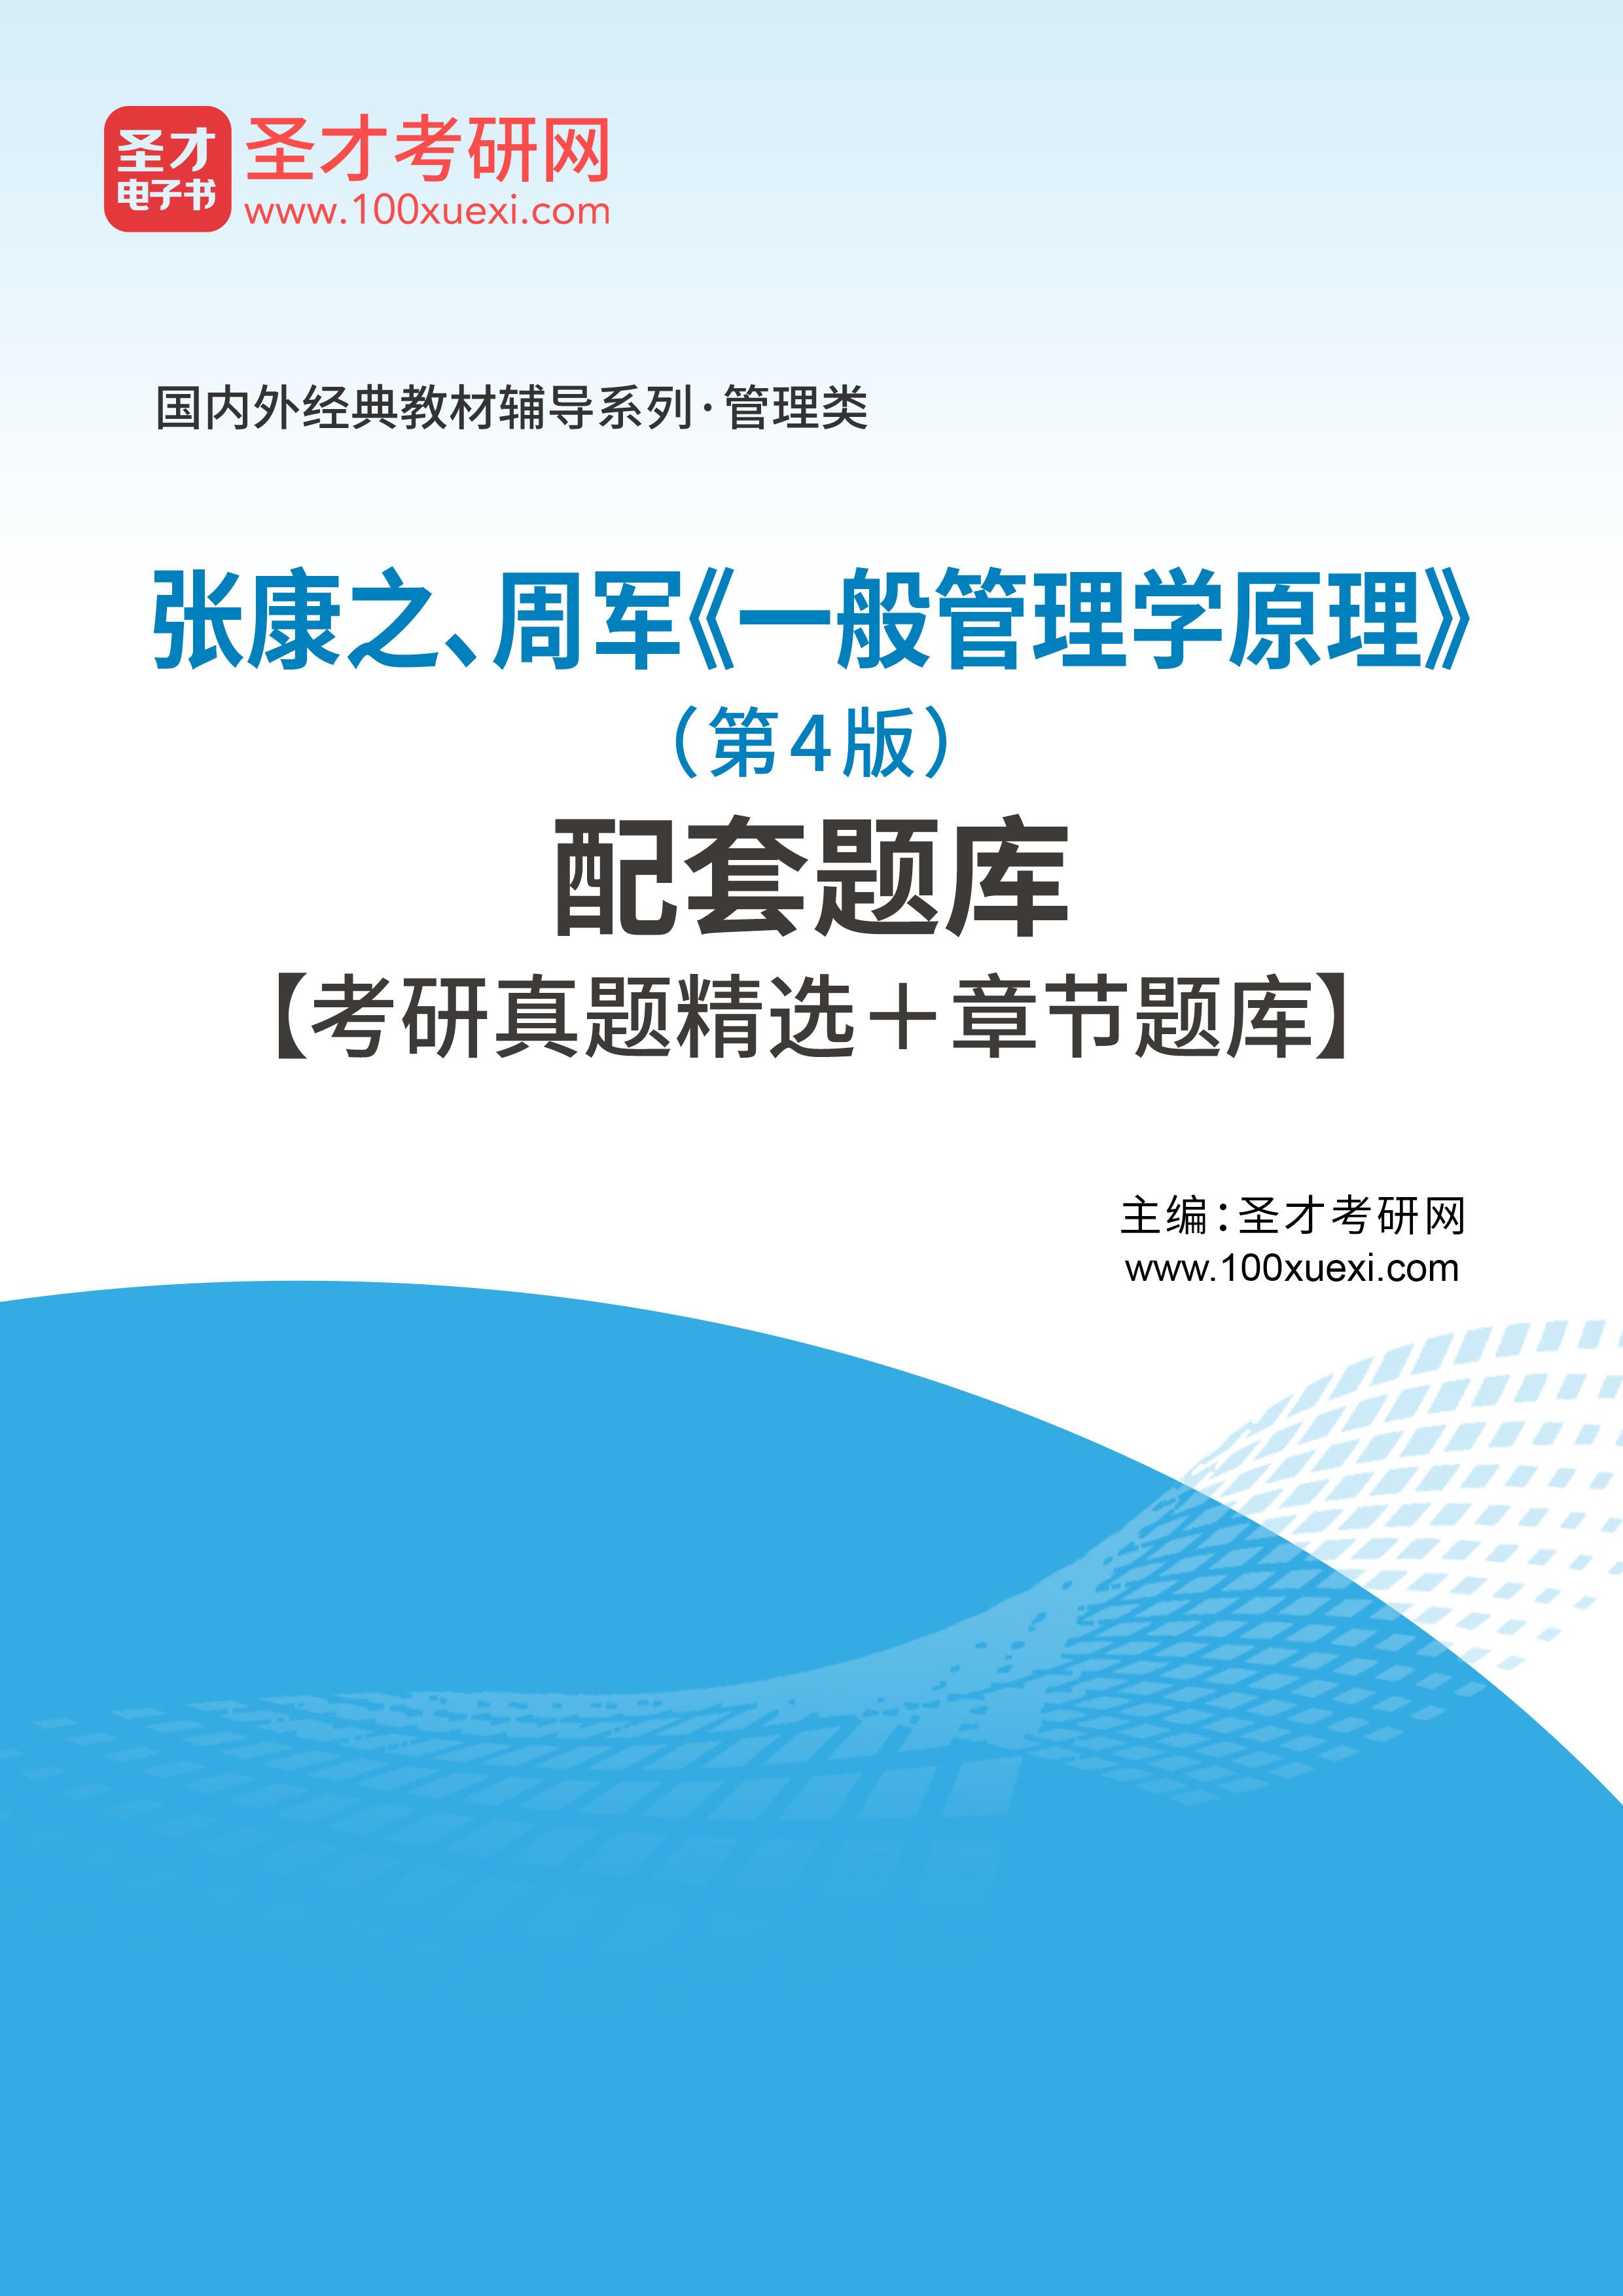 张康之、周军《一般管理学原理》(第4版)配套题库【考研真题精选+章节题库】